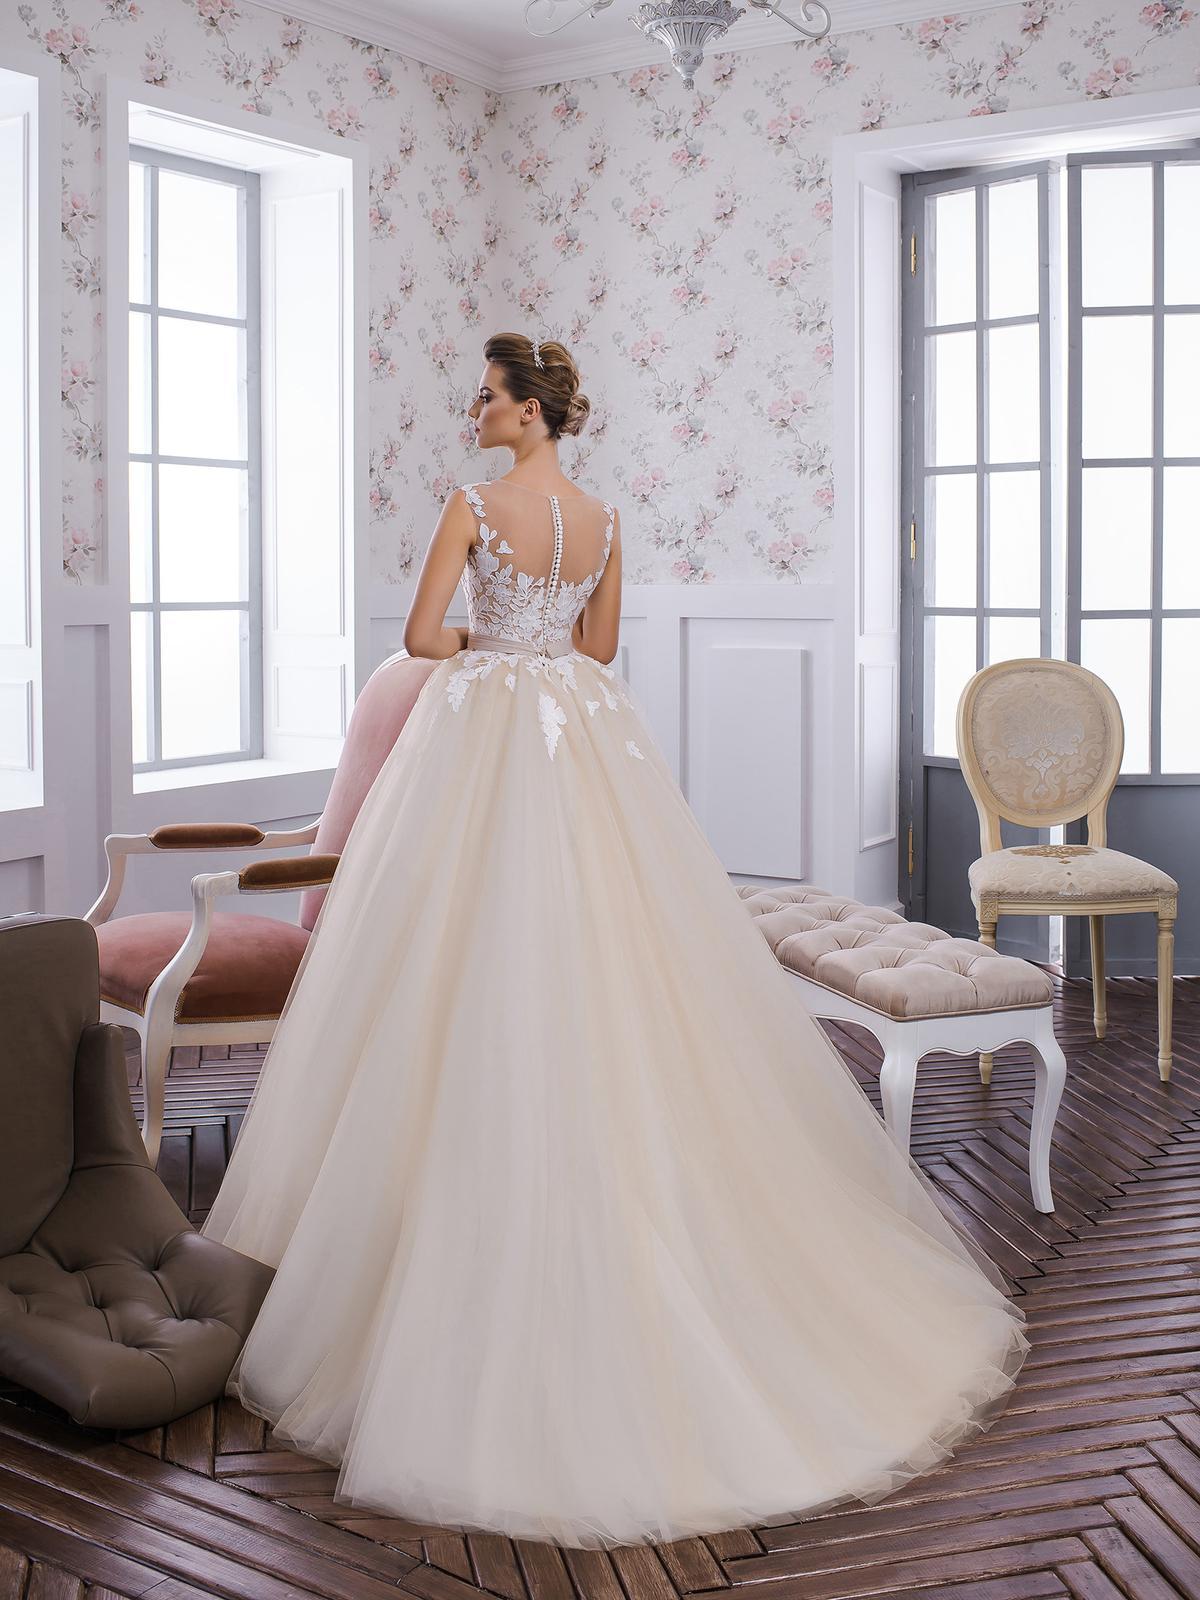 Na jarní sezónu jsme pro Vás připravili další nádherné svatební šaty, které si můžete u nás zapůjčit nebo zakoupit. - Obrázek č. 3